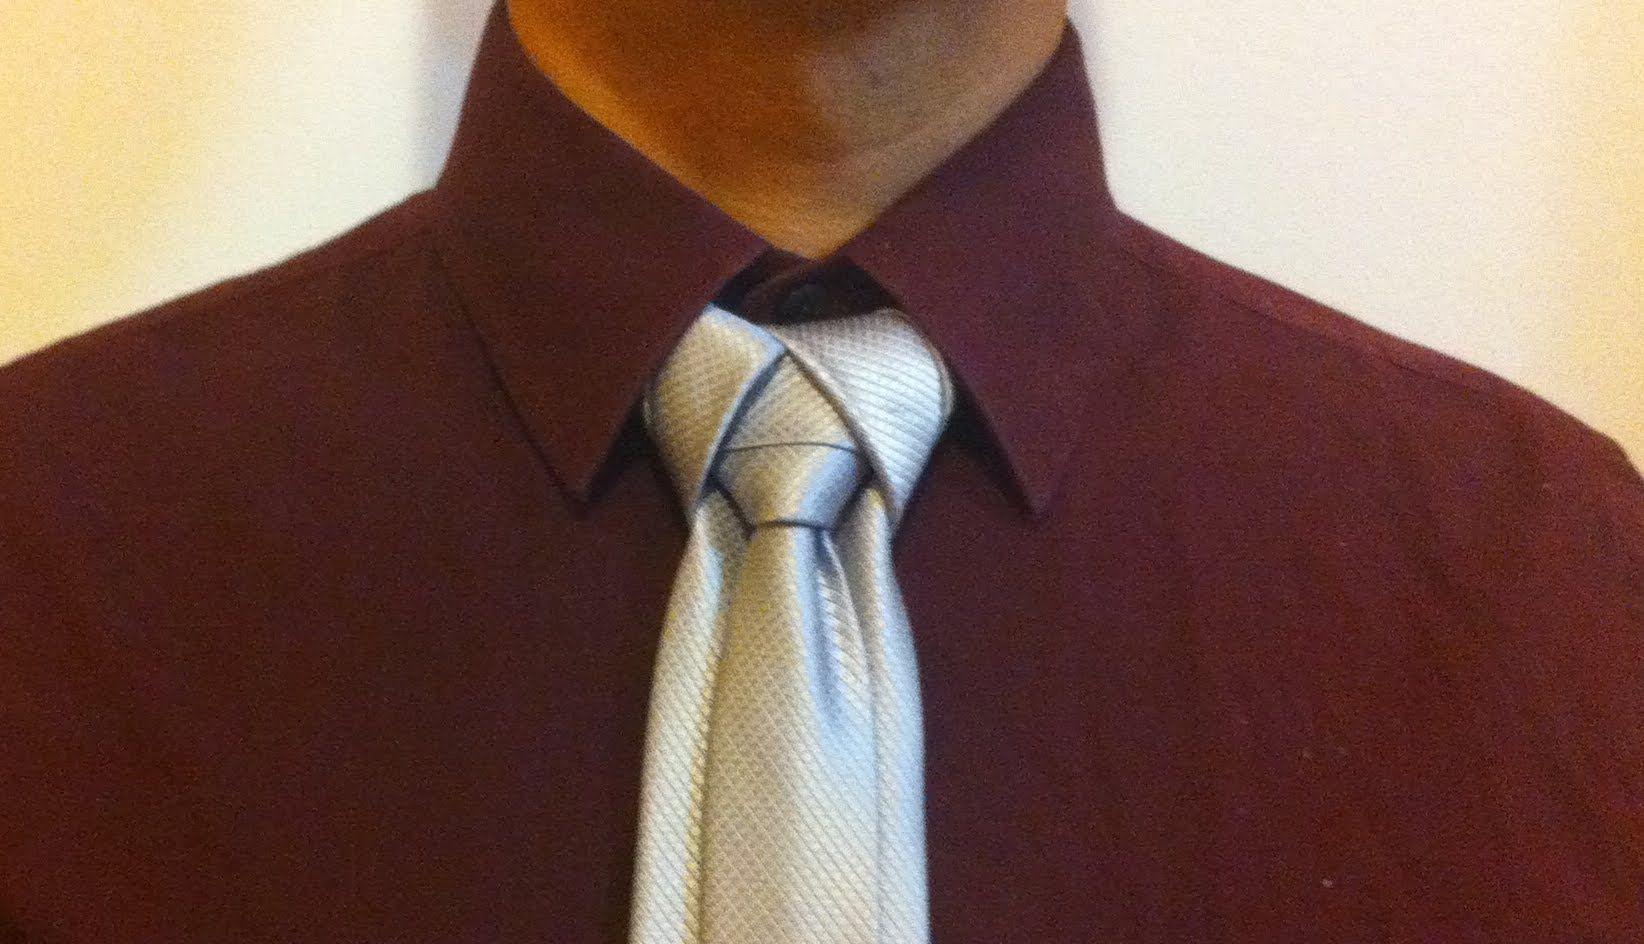 Como hacer el nudo de corbata ediety moda masculina for Nudos de corbata modernos